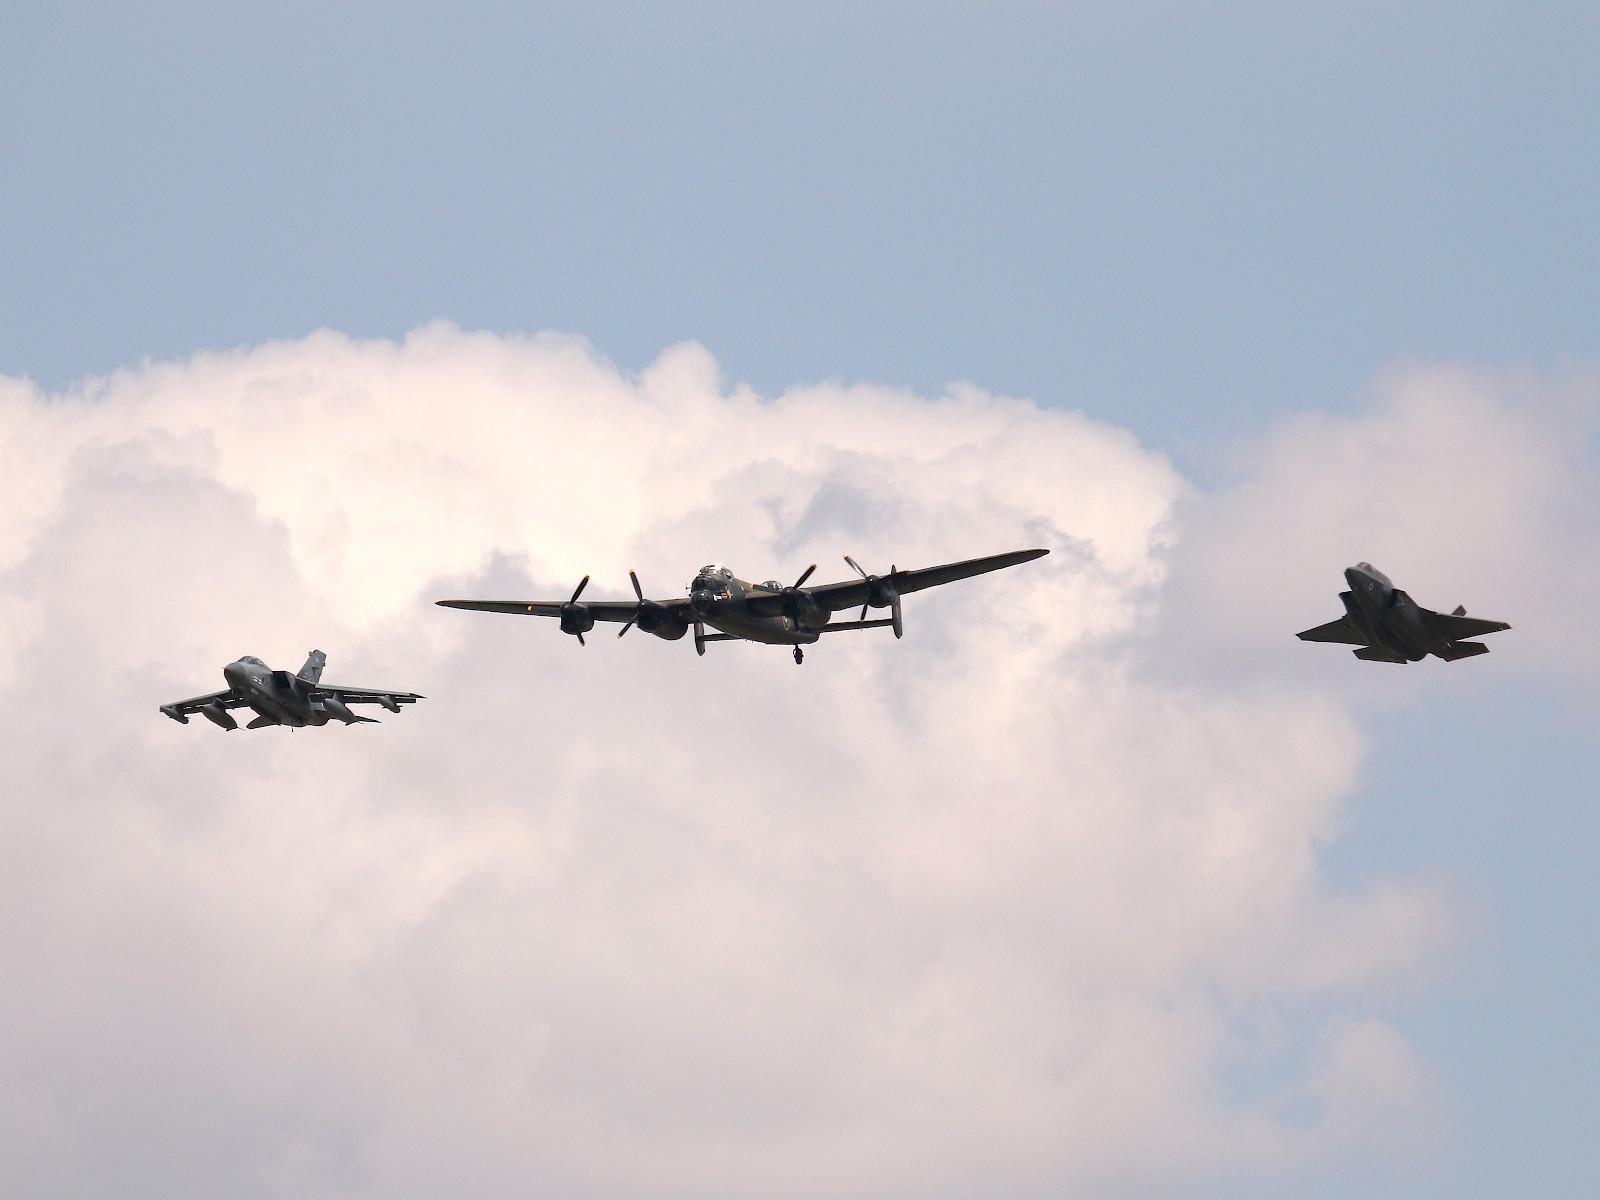 """Das 617 Squadron """"Dambusters"""" Tribute bildeten eine F-35B, eine Tornado und ein Lancaster-Bomber © Doppeladler.com"""